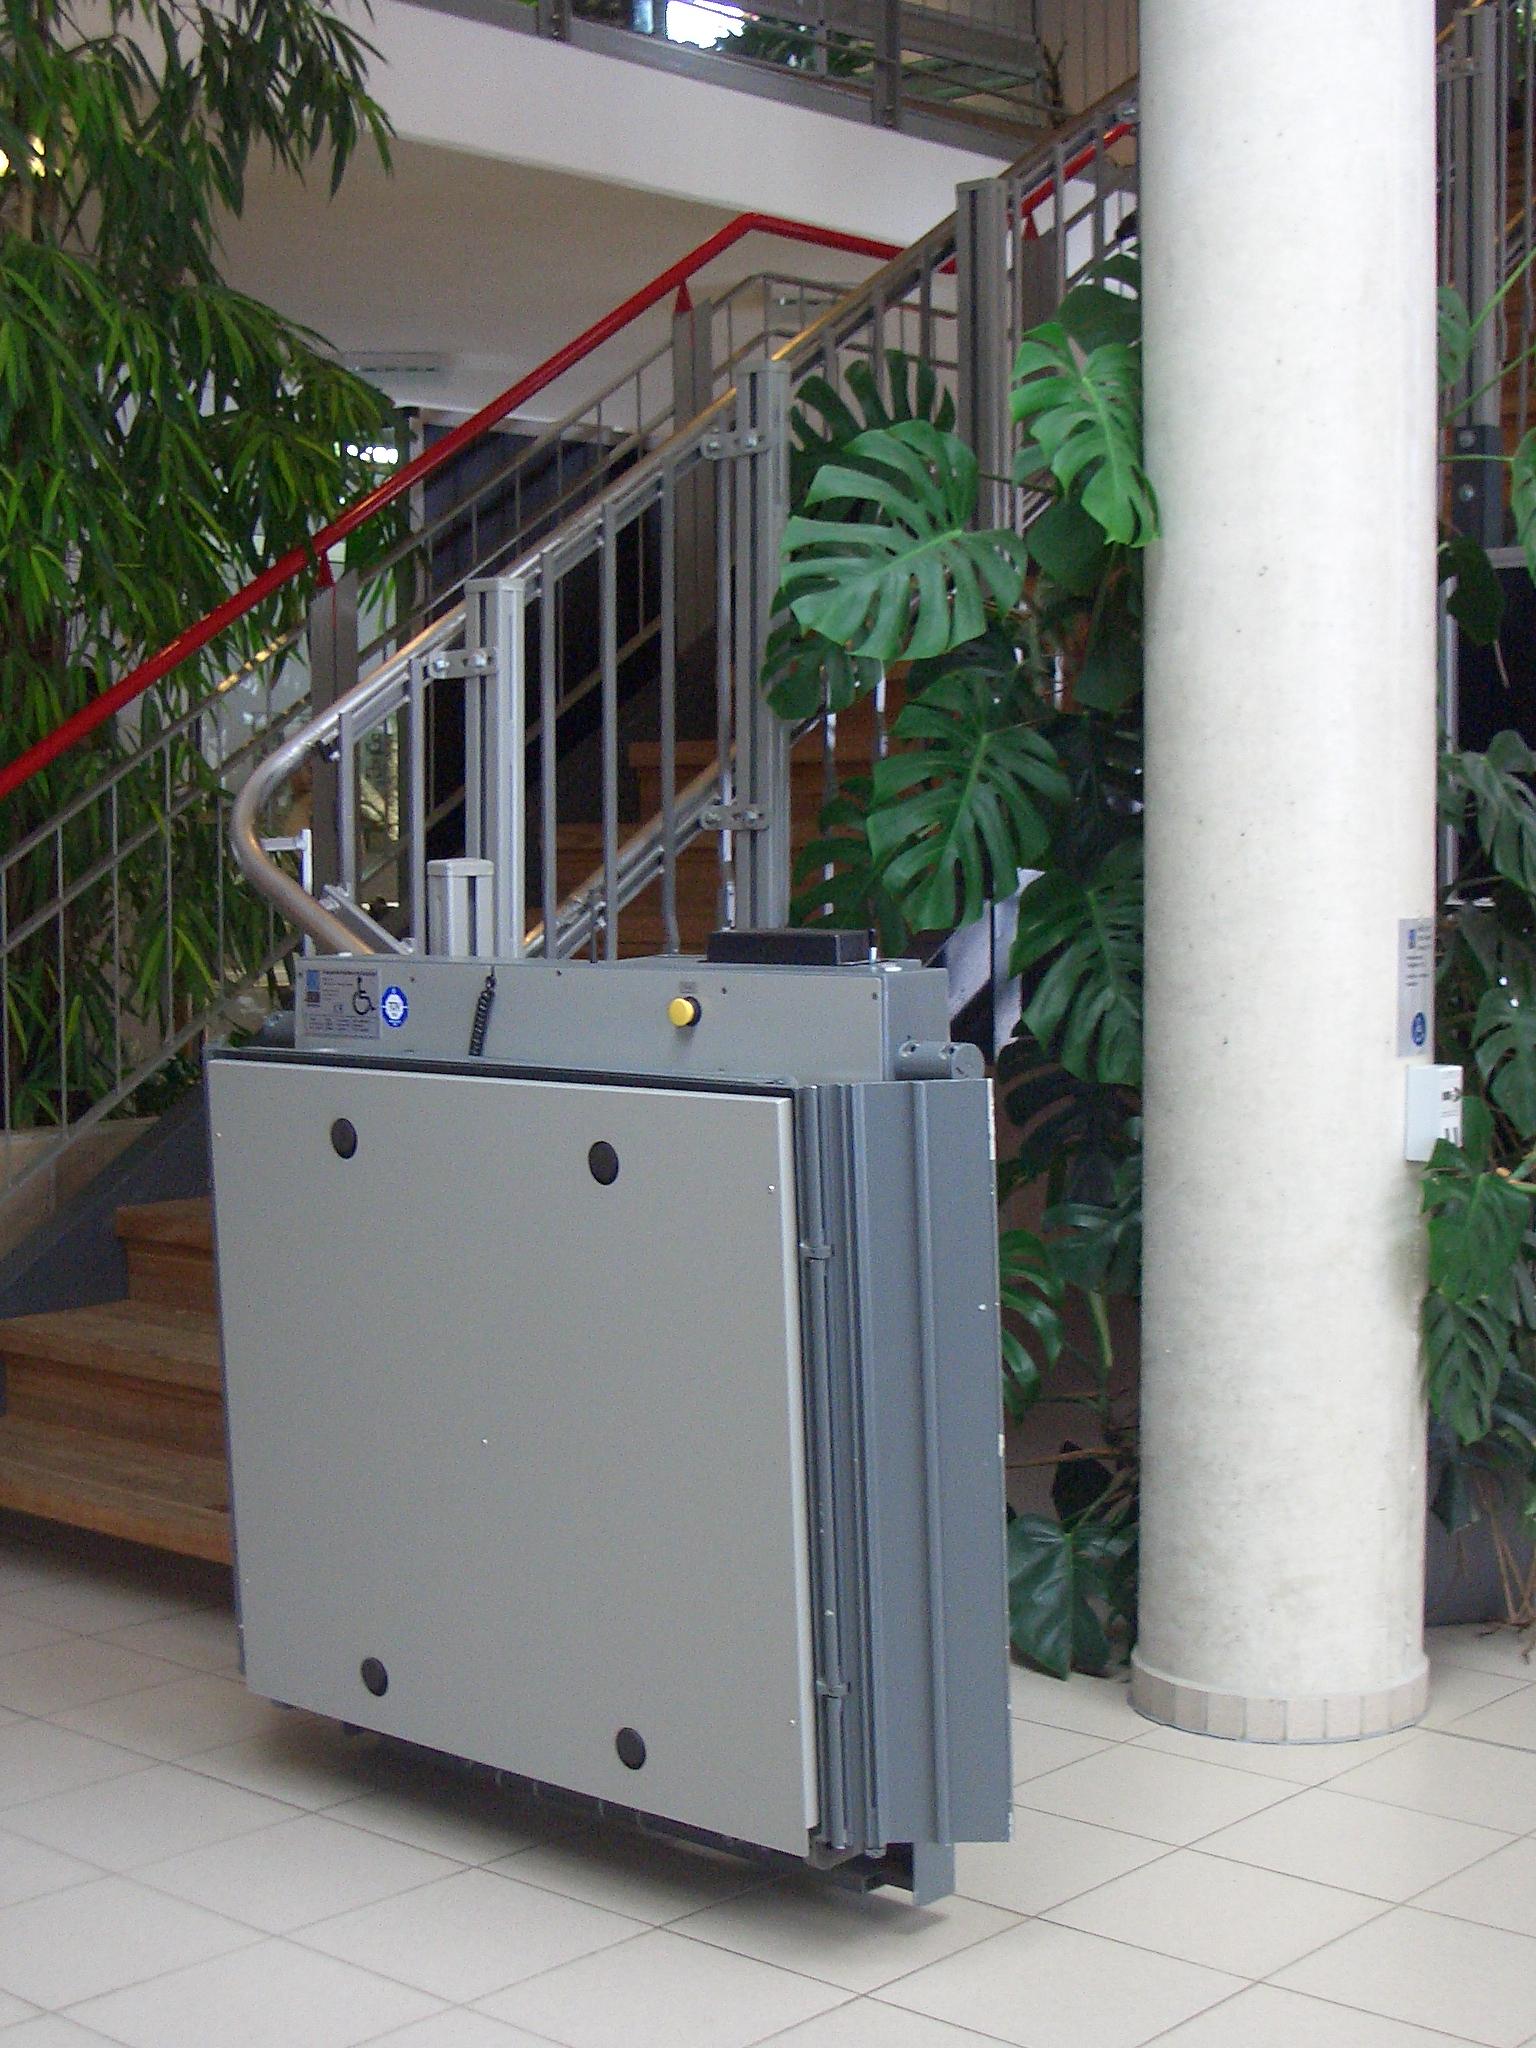 Platforma inclinata pentru persoane cu dizabilitati HIRO 320 - 4 HIRO LIFT - Poza 4